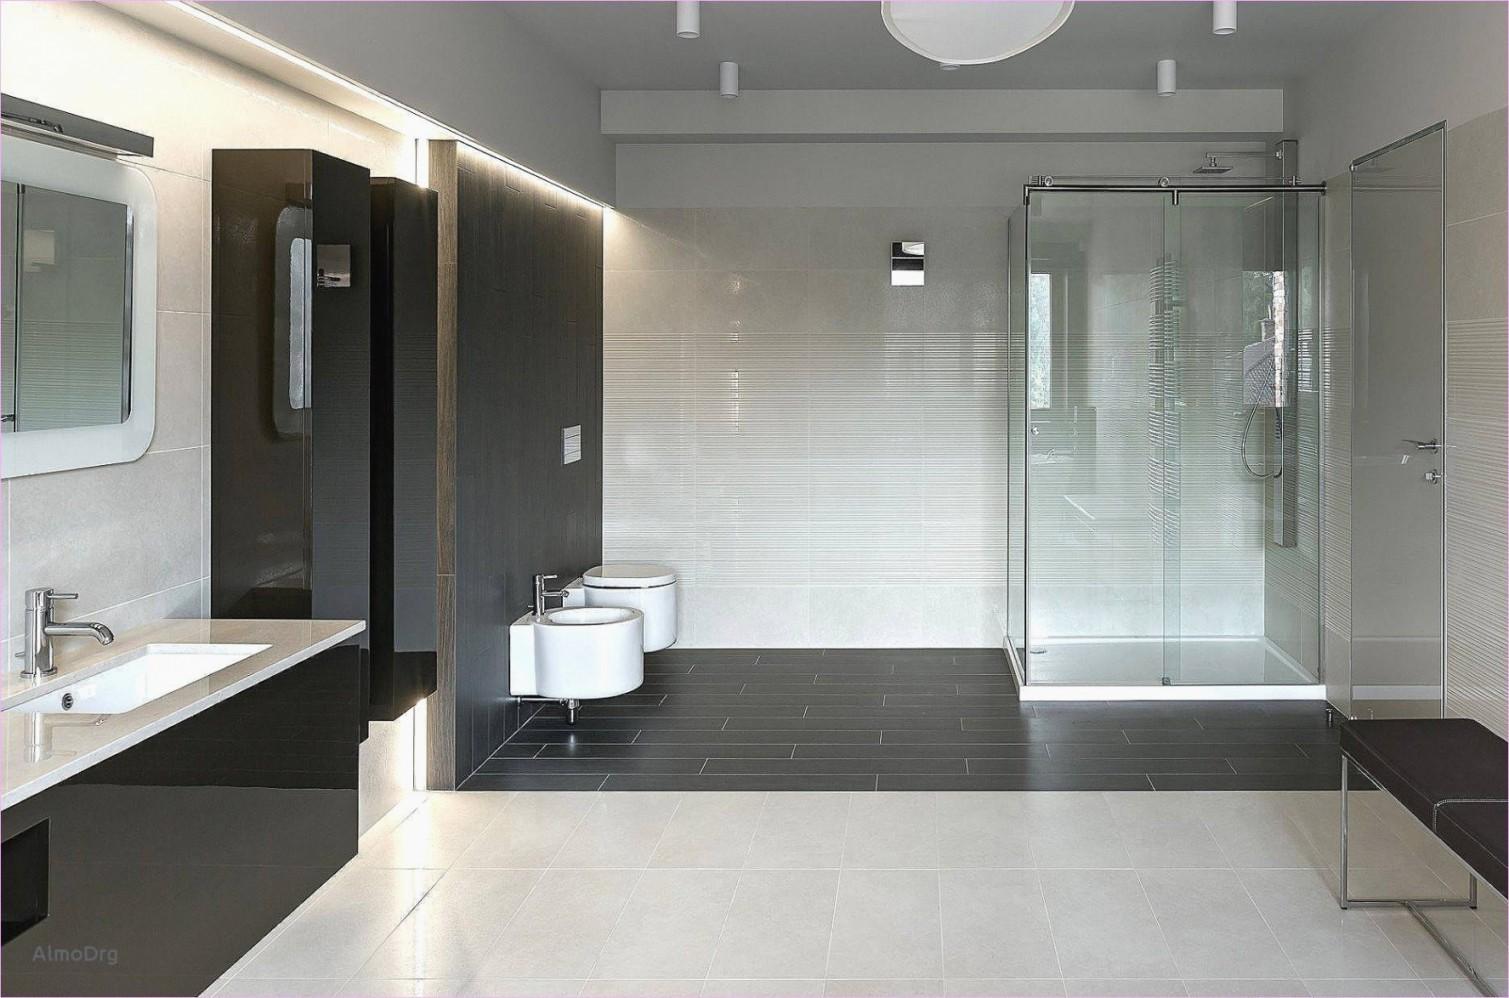 Badezimmer Fliesen Ideen Schwarz Weiß — Temobardz Home Blog von Badezimmer Fliesen Ideen Schwarz Weiß Photo